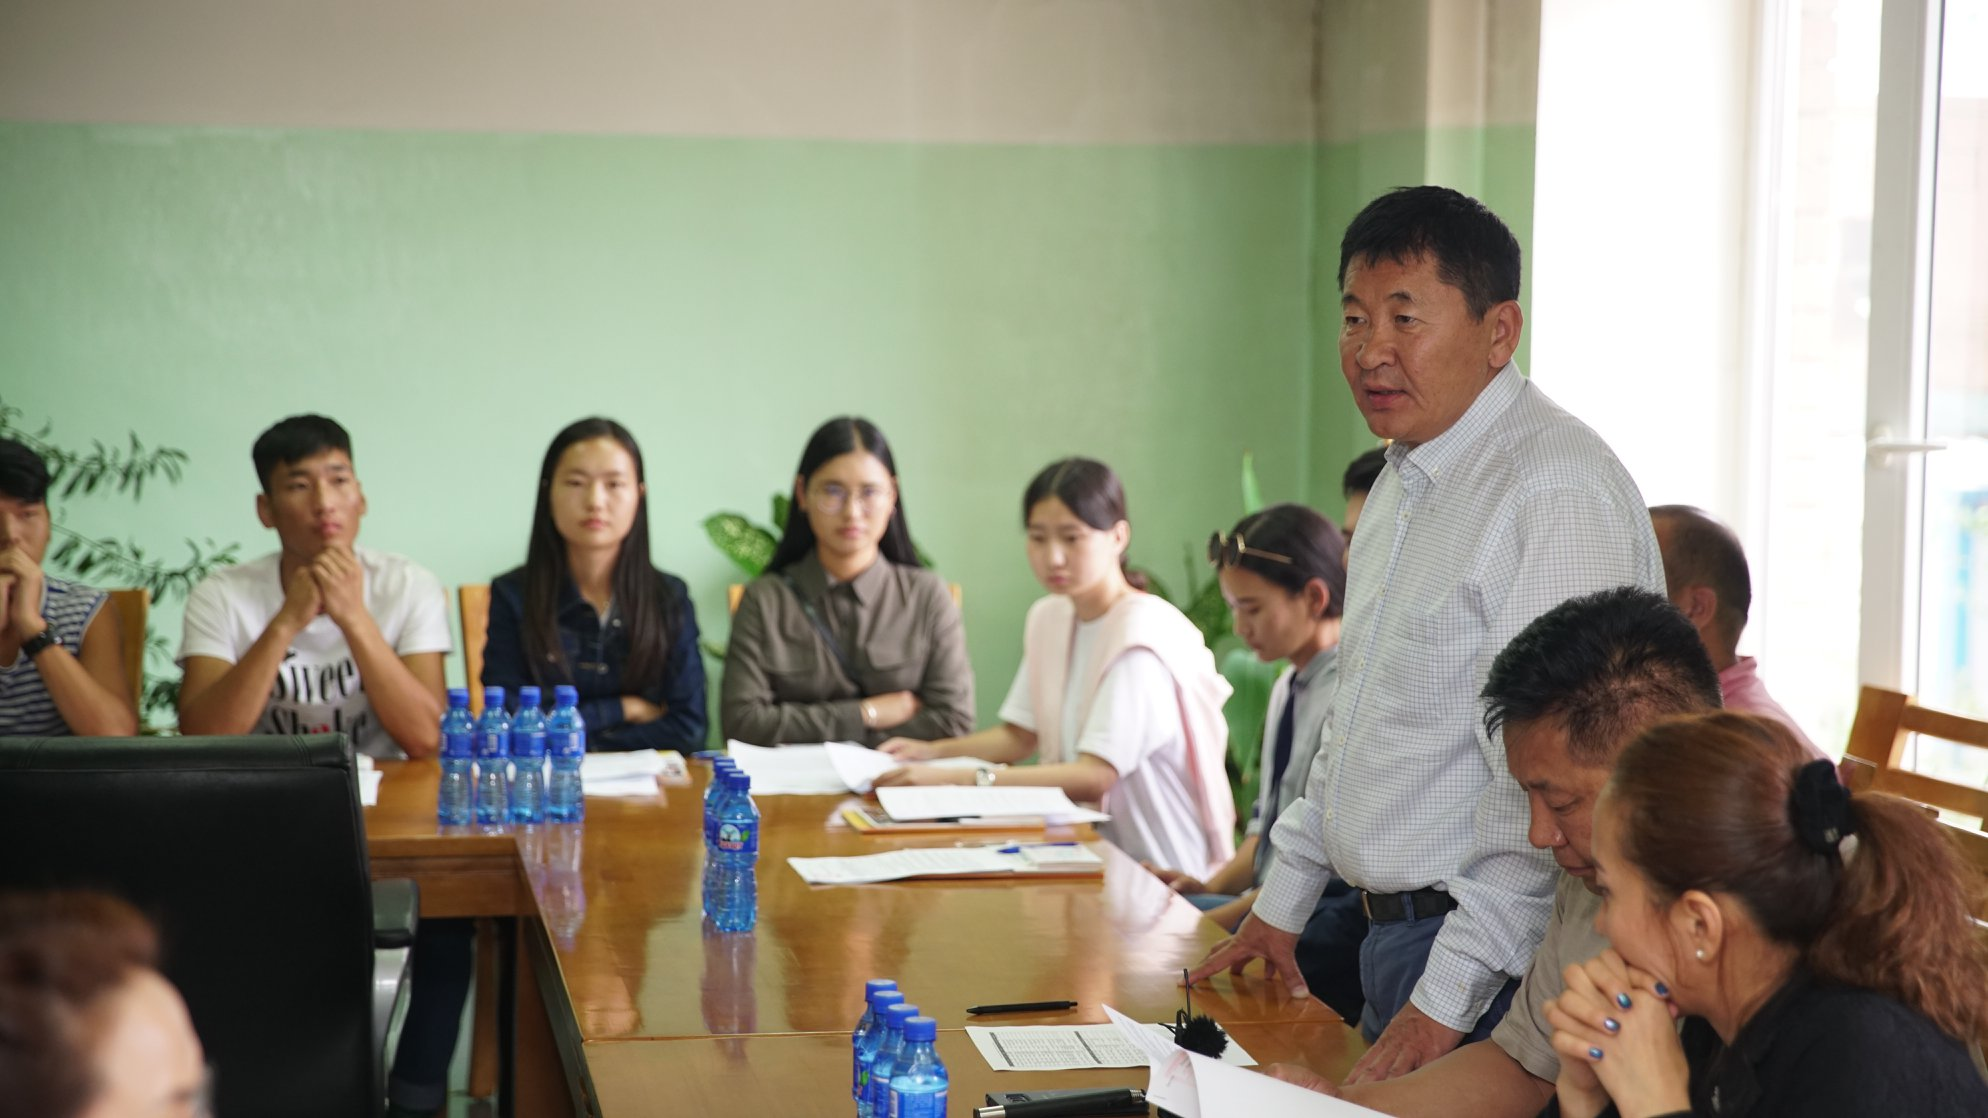 Дорноговь аймгийн нутгийн зөвлөлийн тэтгэлэгт хамрагдсан хамрагдсан сурагчидтай сургалтын гэрээ байгууллаа